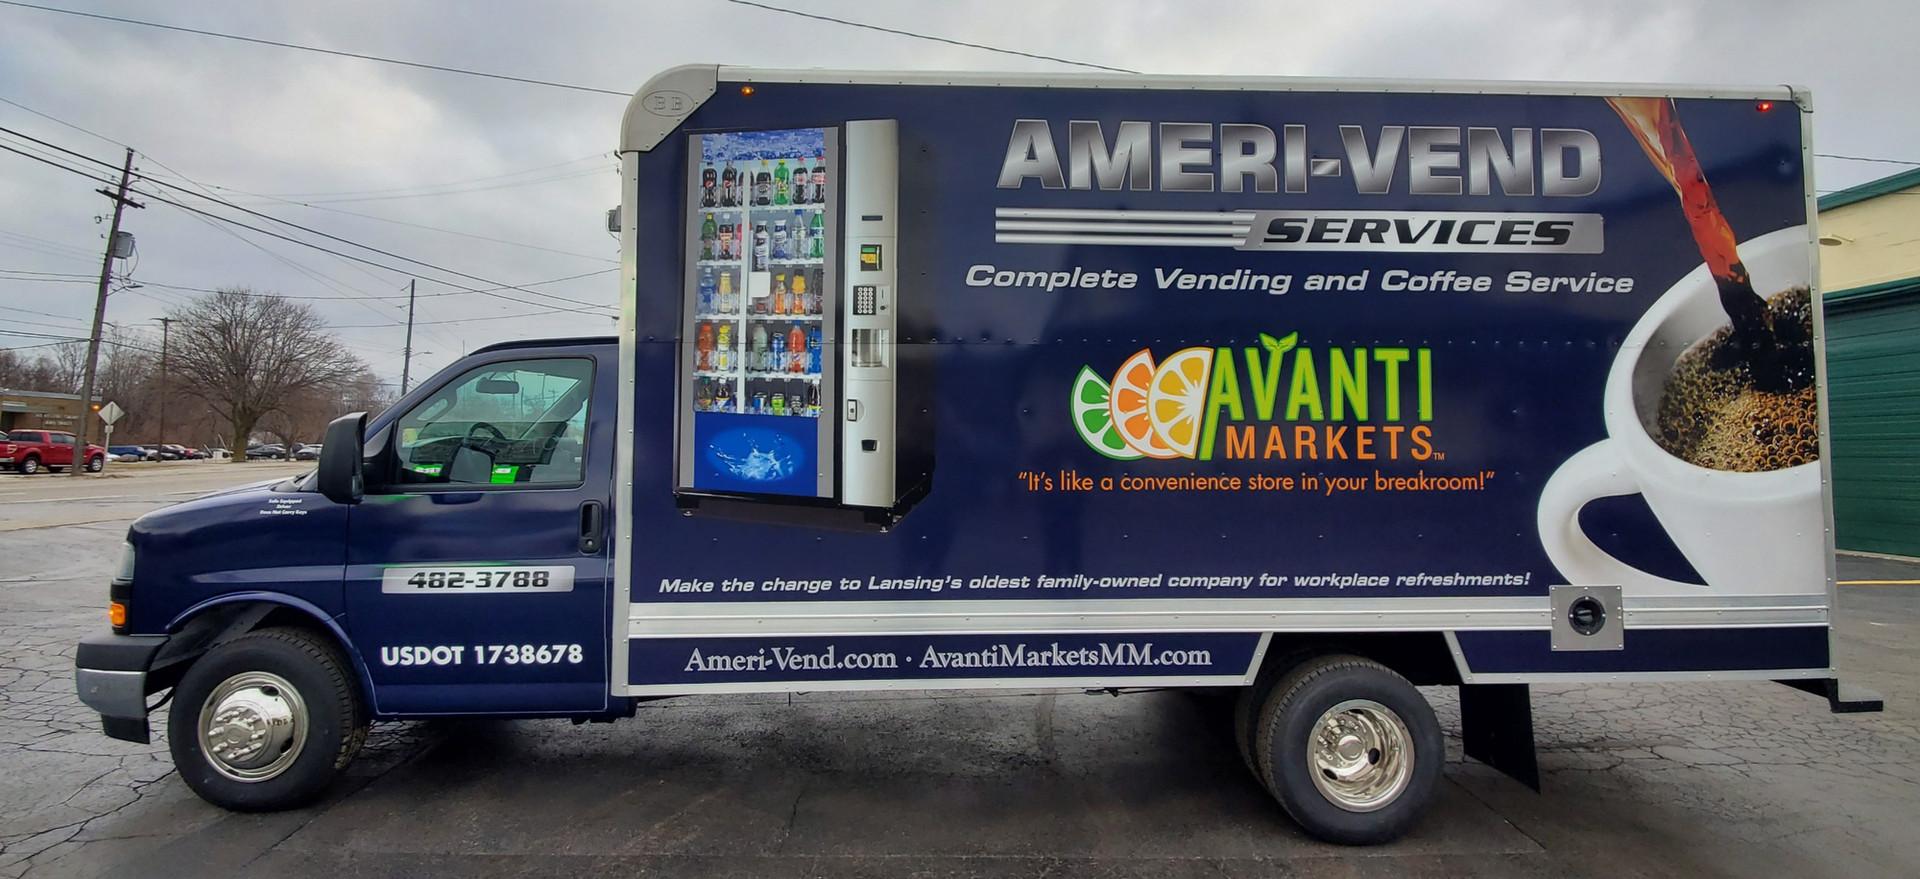 Ameri-Vend Services